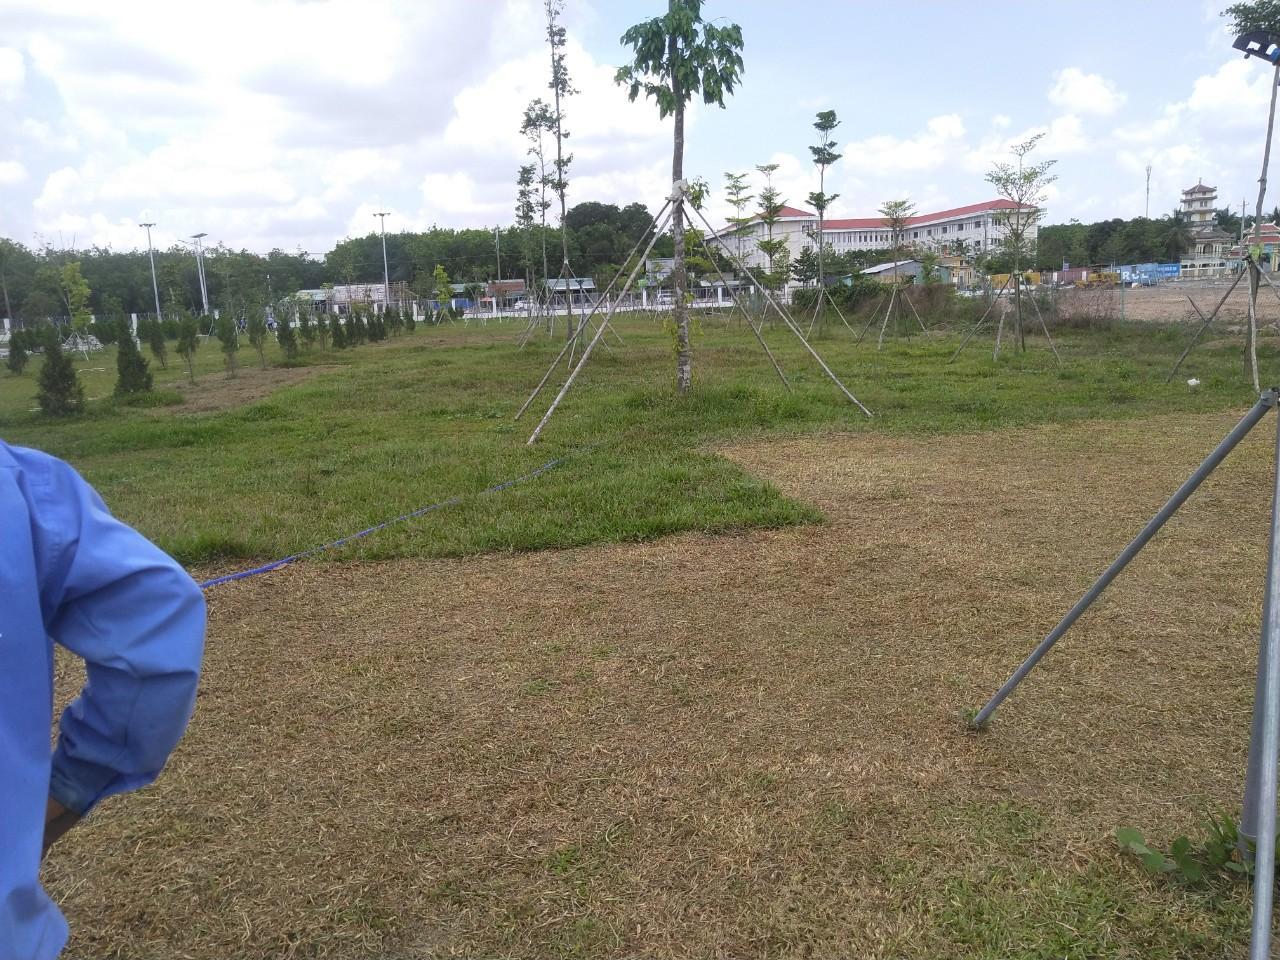 Nhân viên Ngoại Thất Xanh trồng cỏ trồng cây xanh tại khu công nghiệp Bình Lập